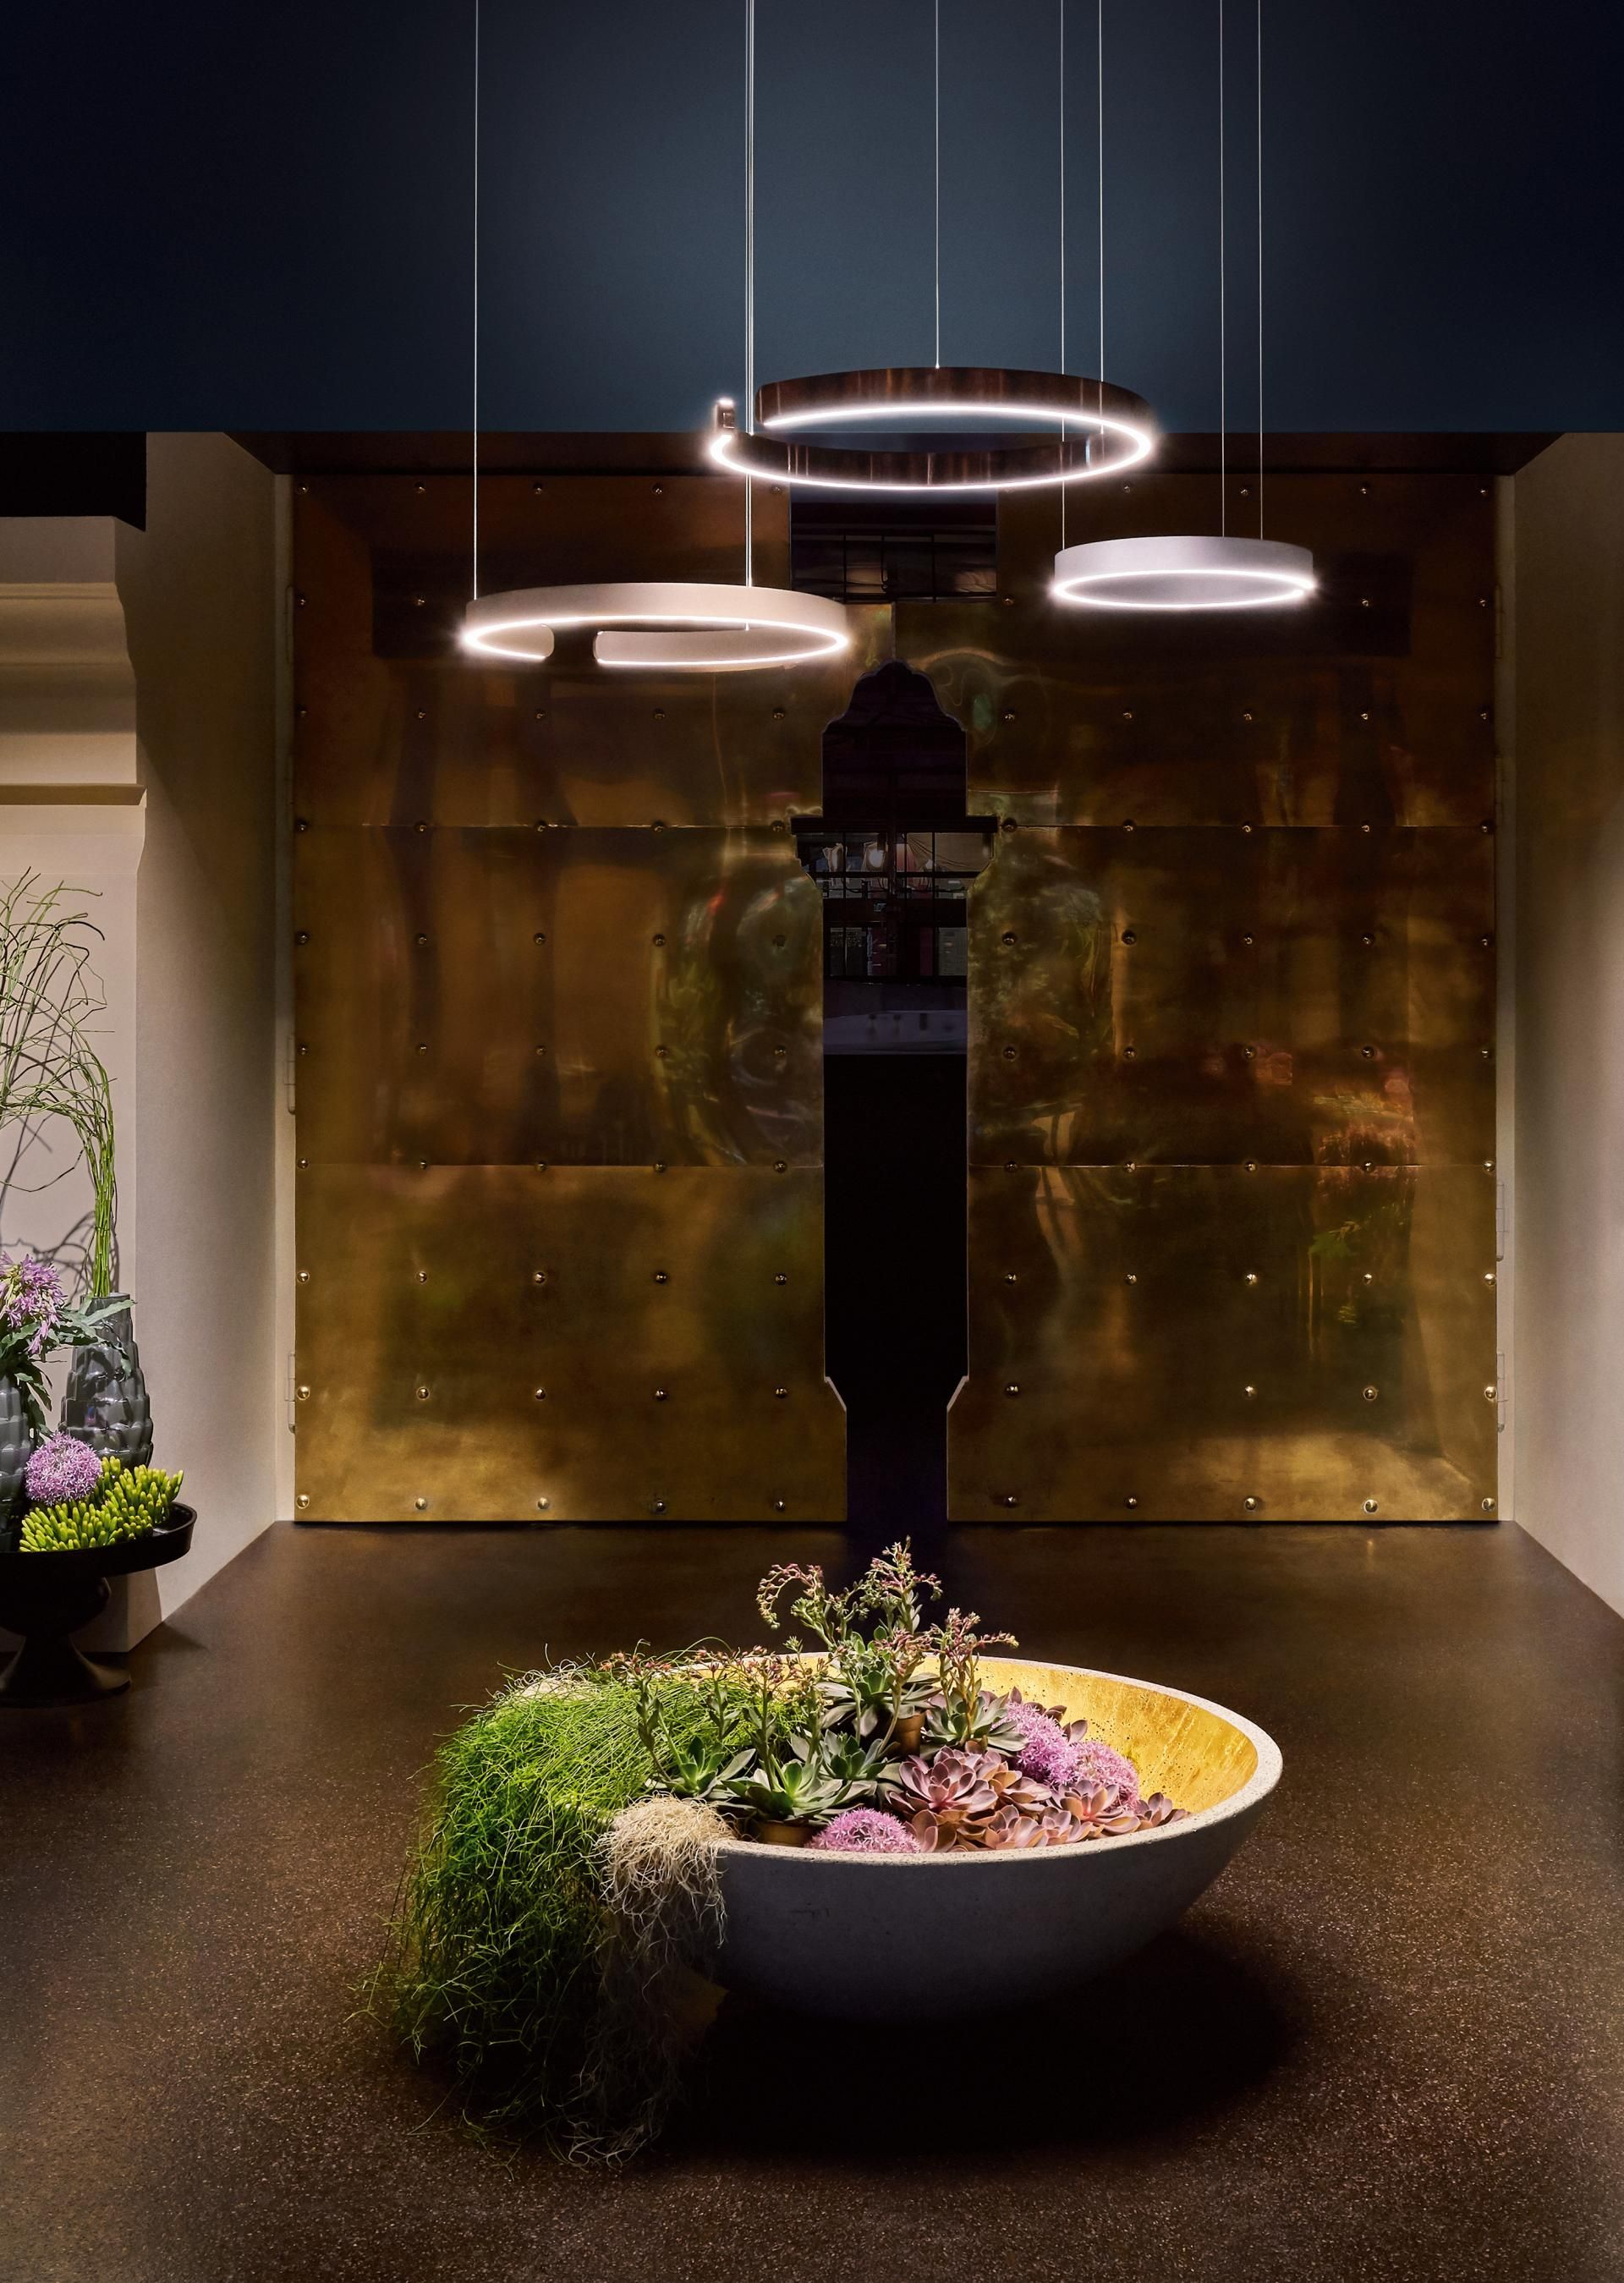 Occhio Mito Meisterwerk In 2020 Hausbeleuchtung Design Lampen Esszimmerleuchten